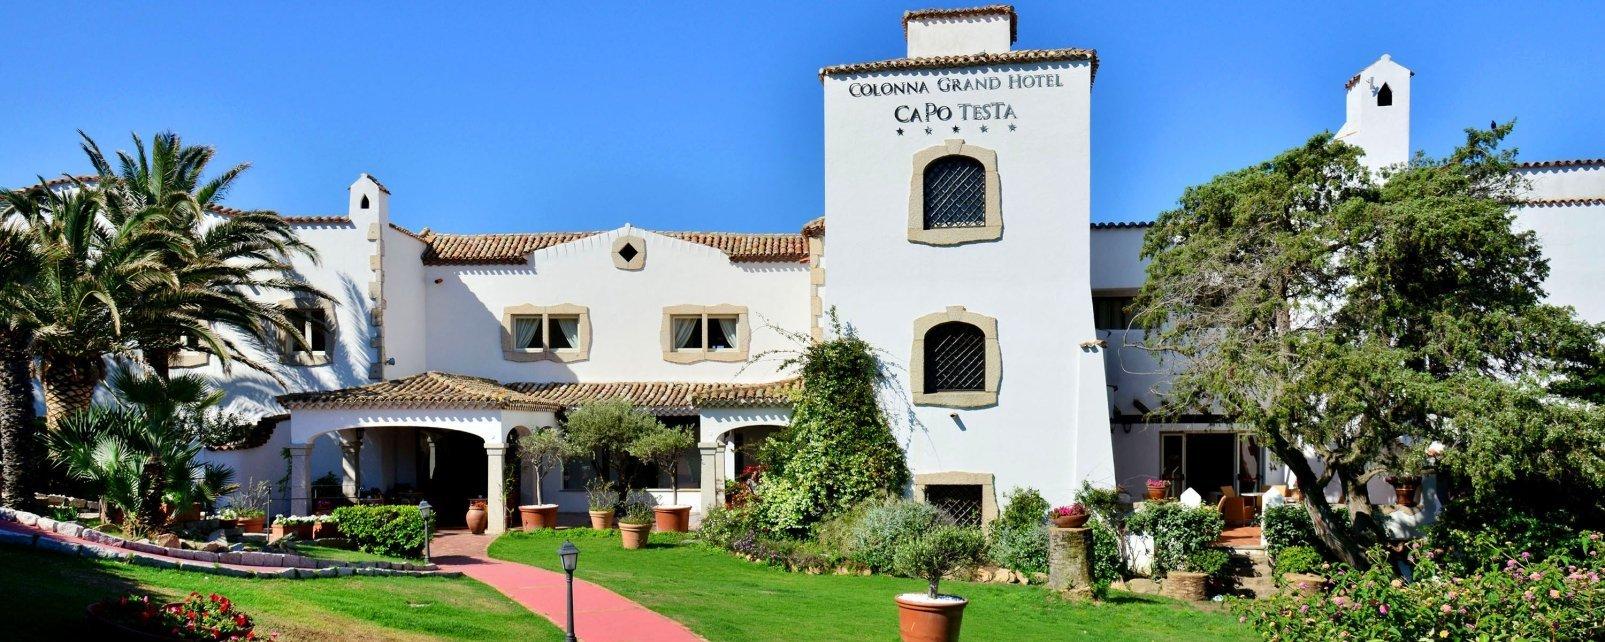 Hôtel Grand Colonna Capo Testa